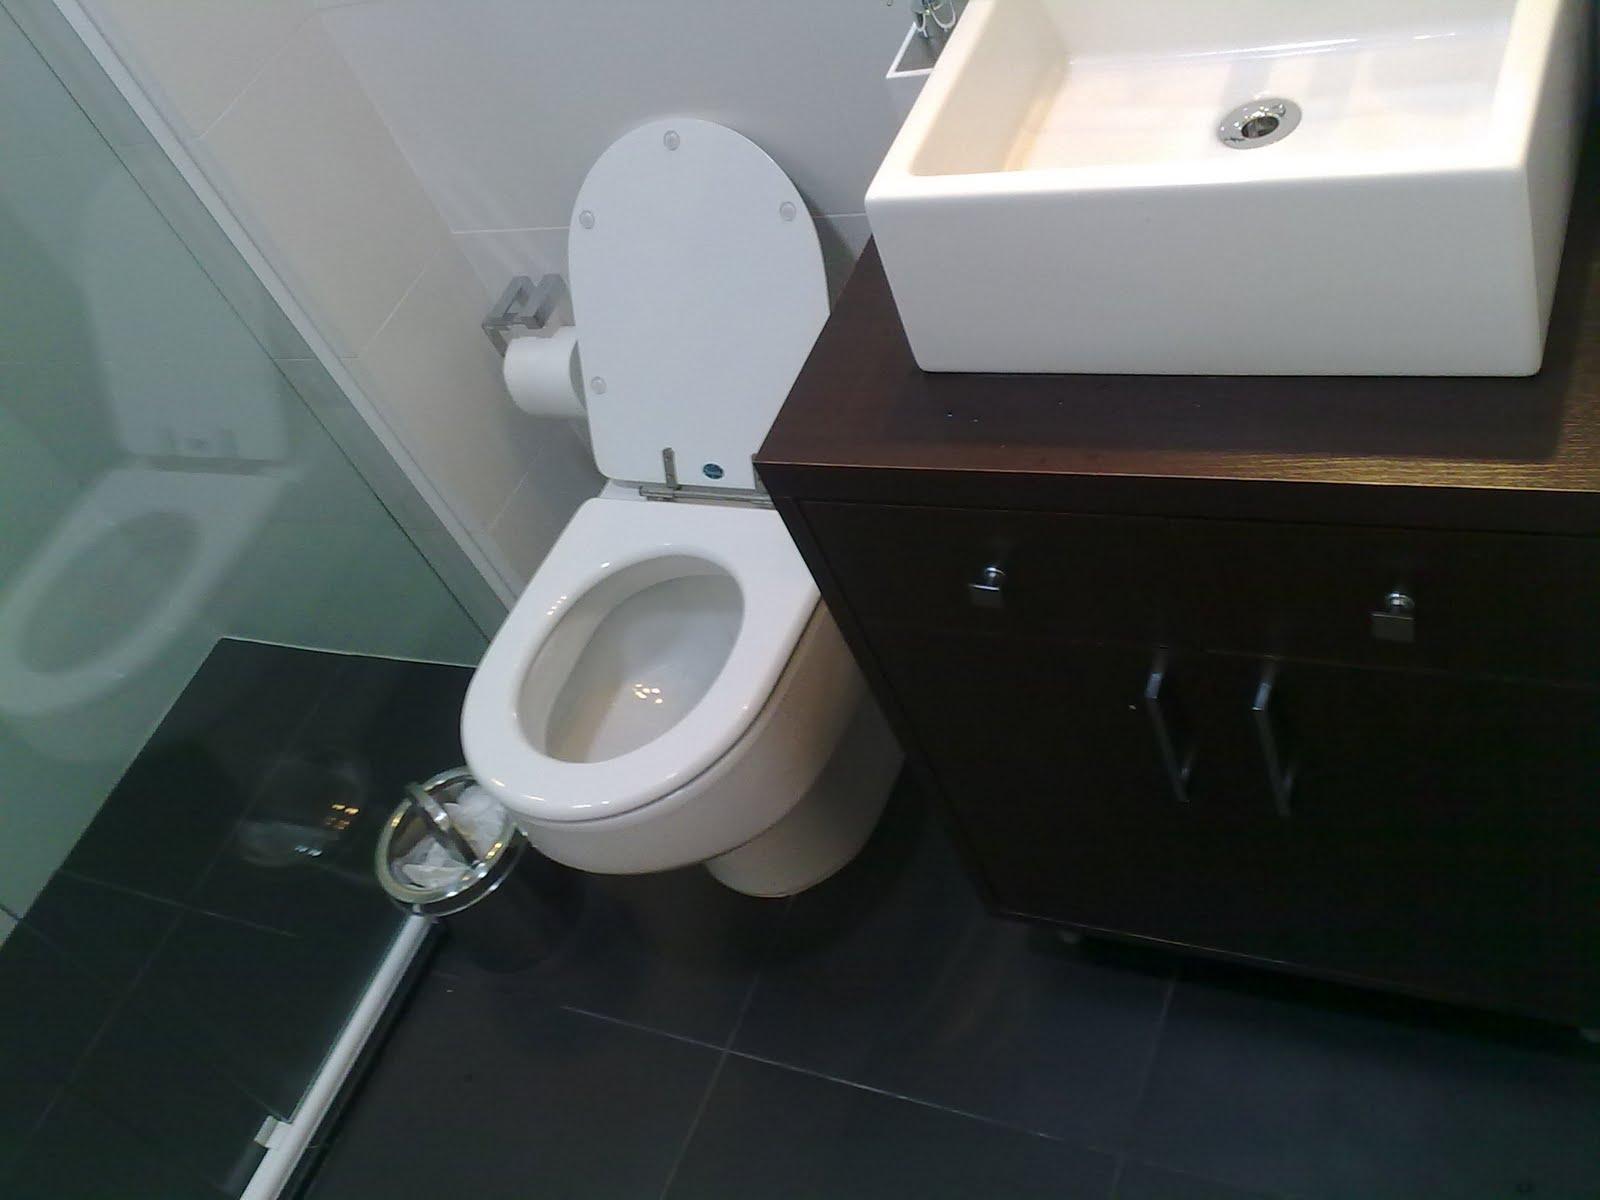 Piso Escuro para Banheiro Azulejo e Revestimento Construdeia #705F45 1600x1200 Banheiro Com Azulejo Branco E Rejunte Preto